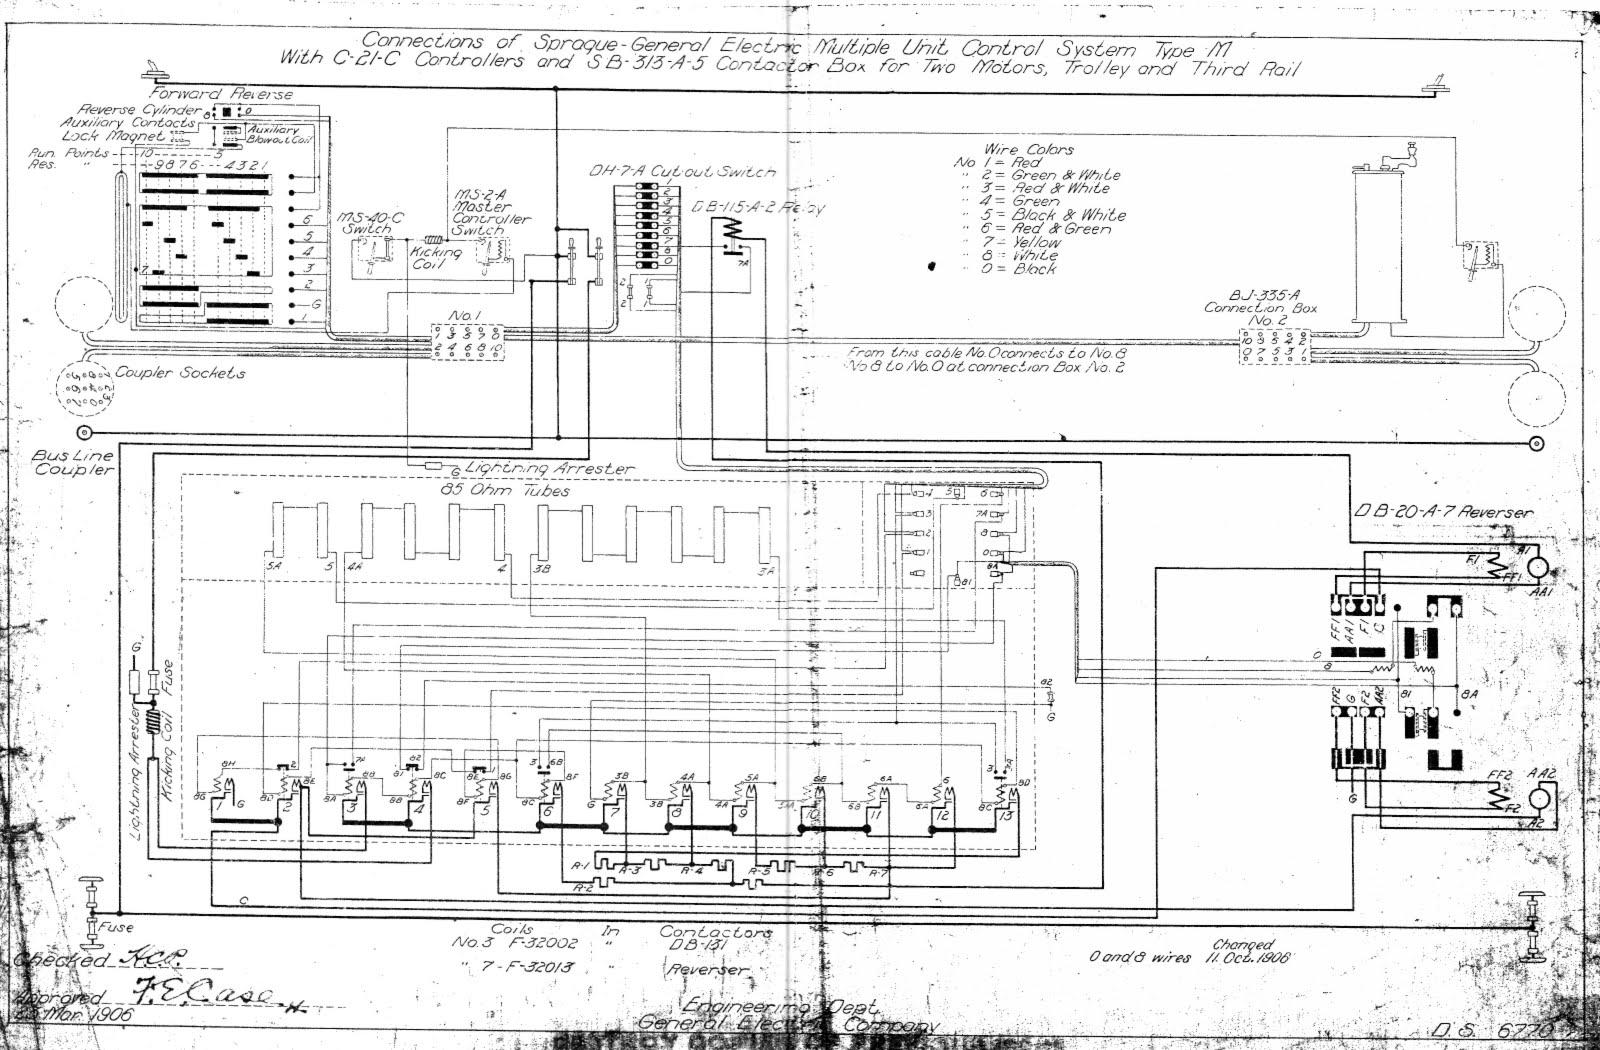 mack vision wiring diagram ls maintenance of septic tanks diagram, Wiring diagram